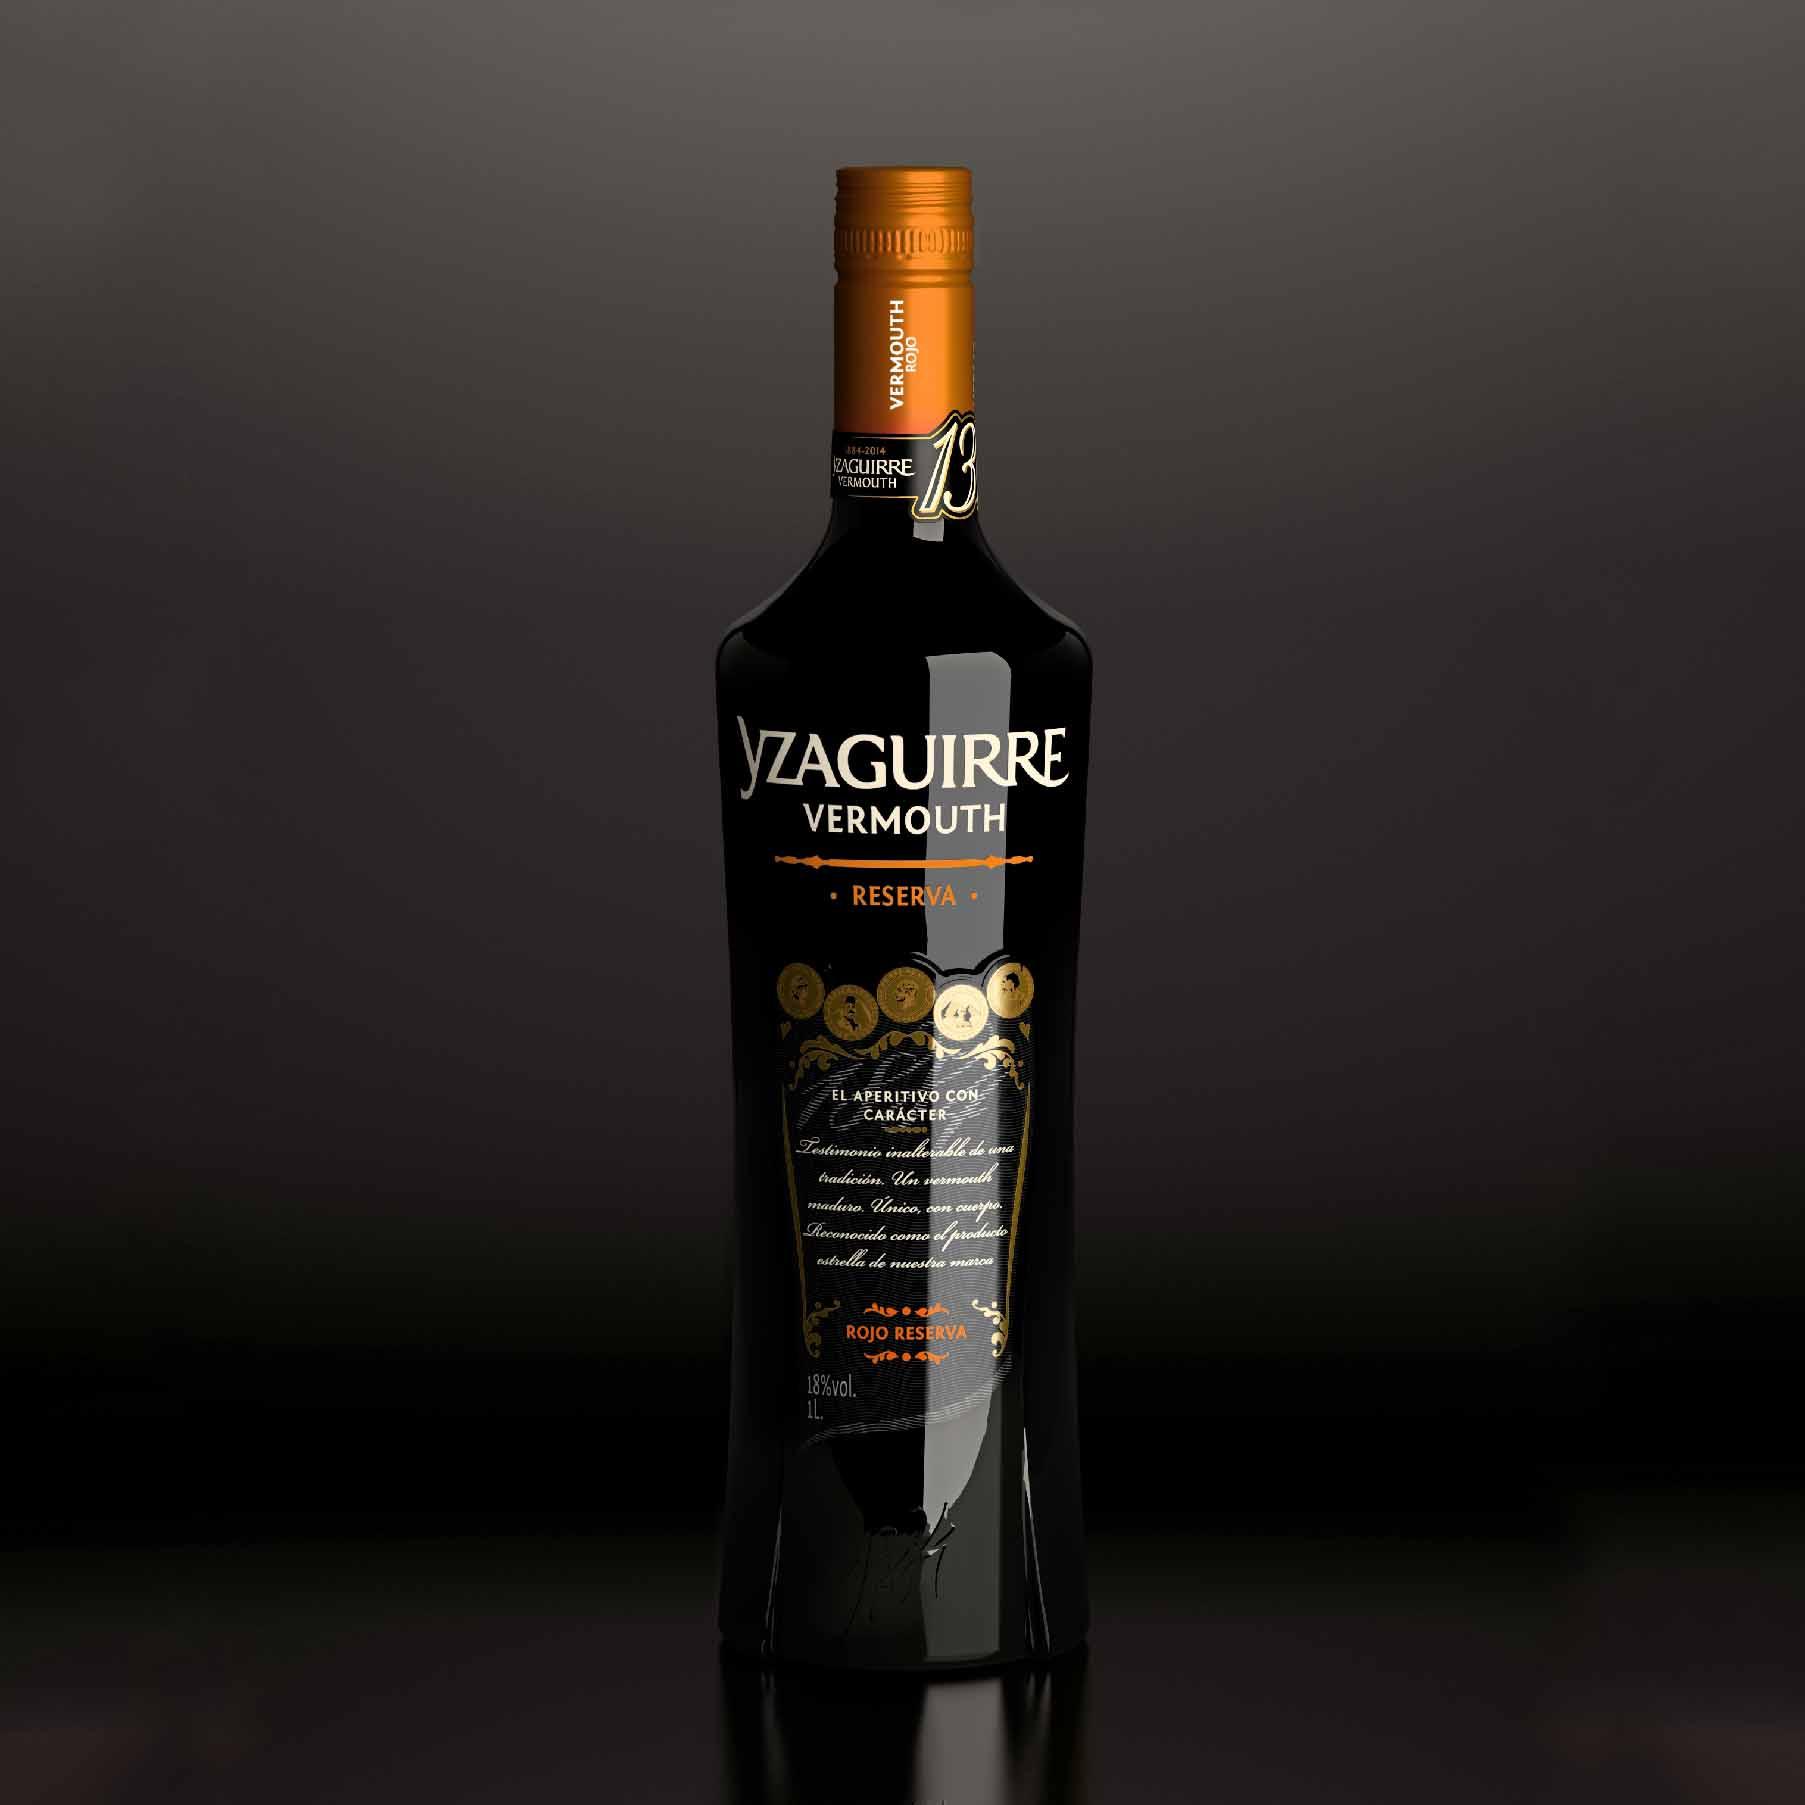 口感高级+香气持久+1L装西班牙雅茹酒庄Vermouth味美思甜酒助眠酒